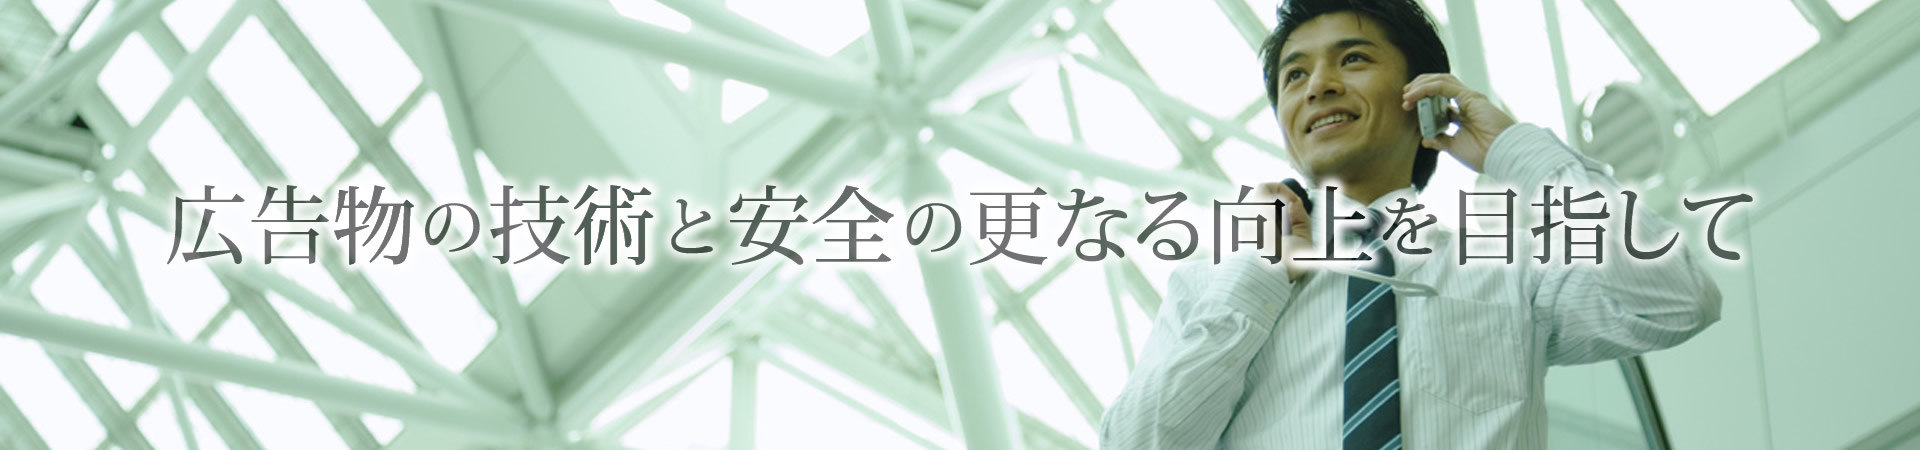 日本広告物施工管理協会